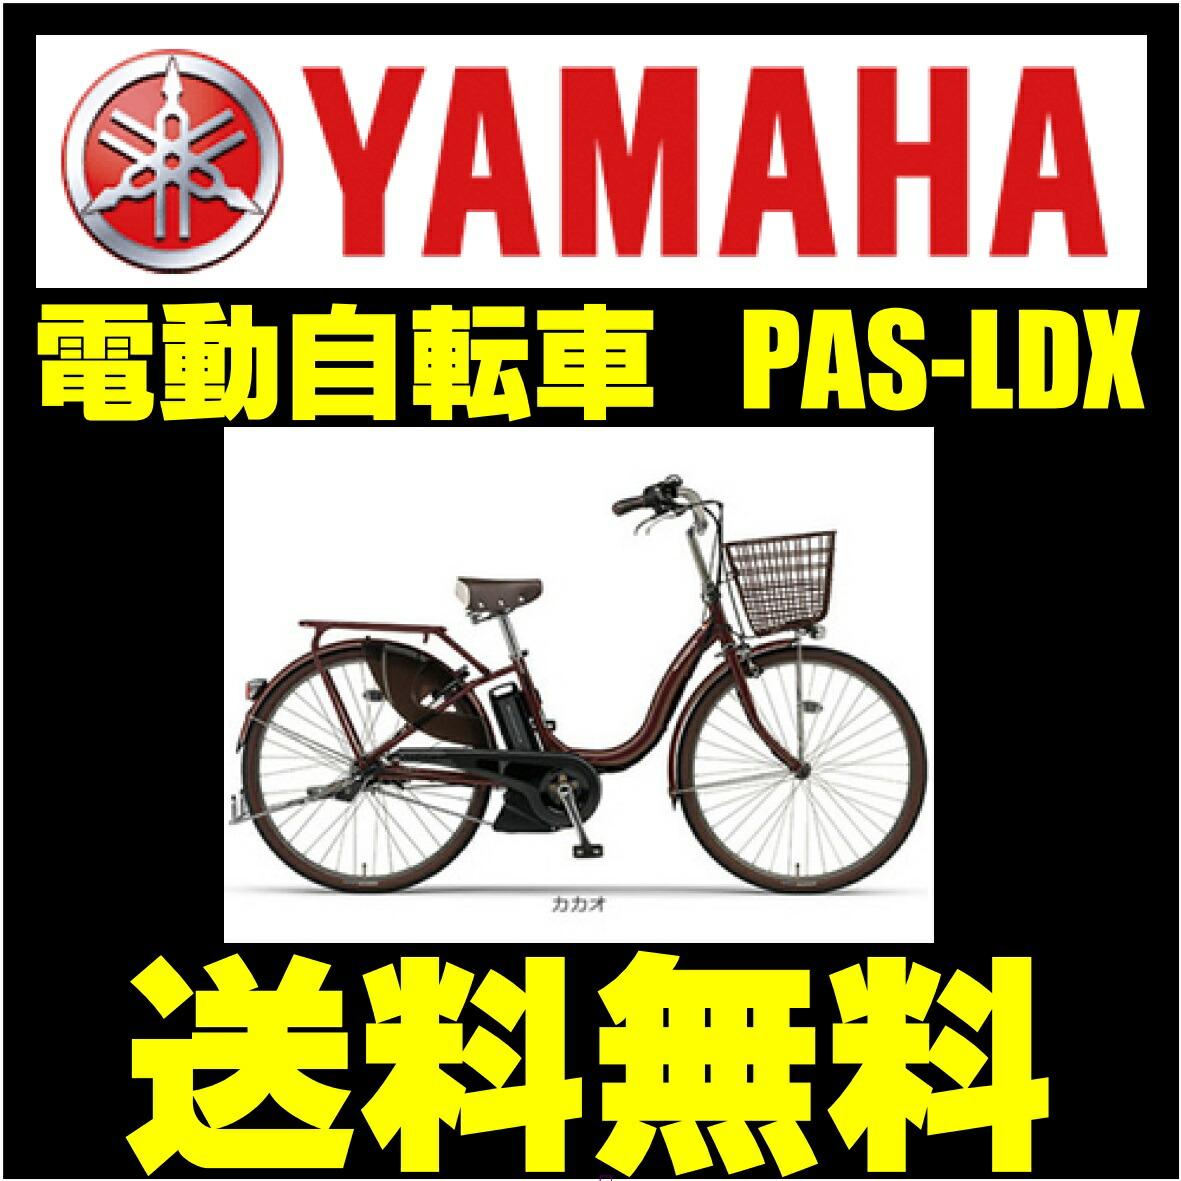 電動アシスト自転車 ヤマハ PAS ナチュラLDX 26型 電動自転車 カカオ ブラウン 内装3段ギア 2016年モデル 26インチ 激安 格安